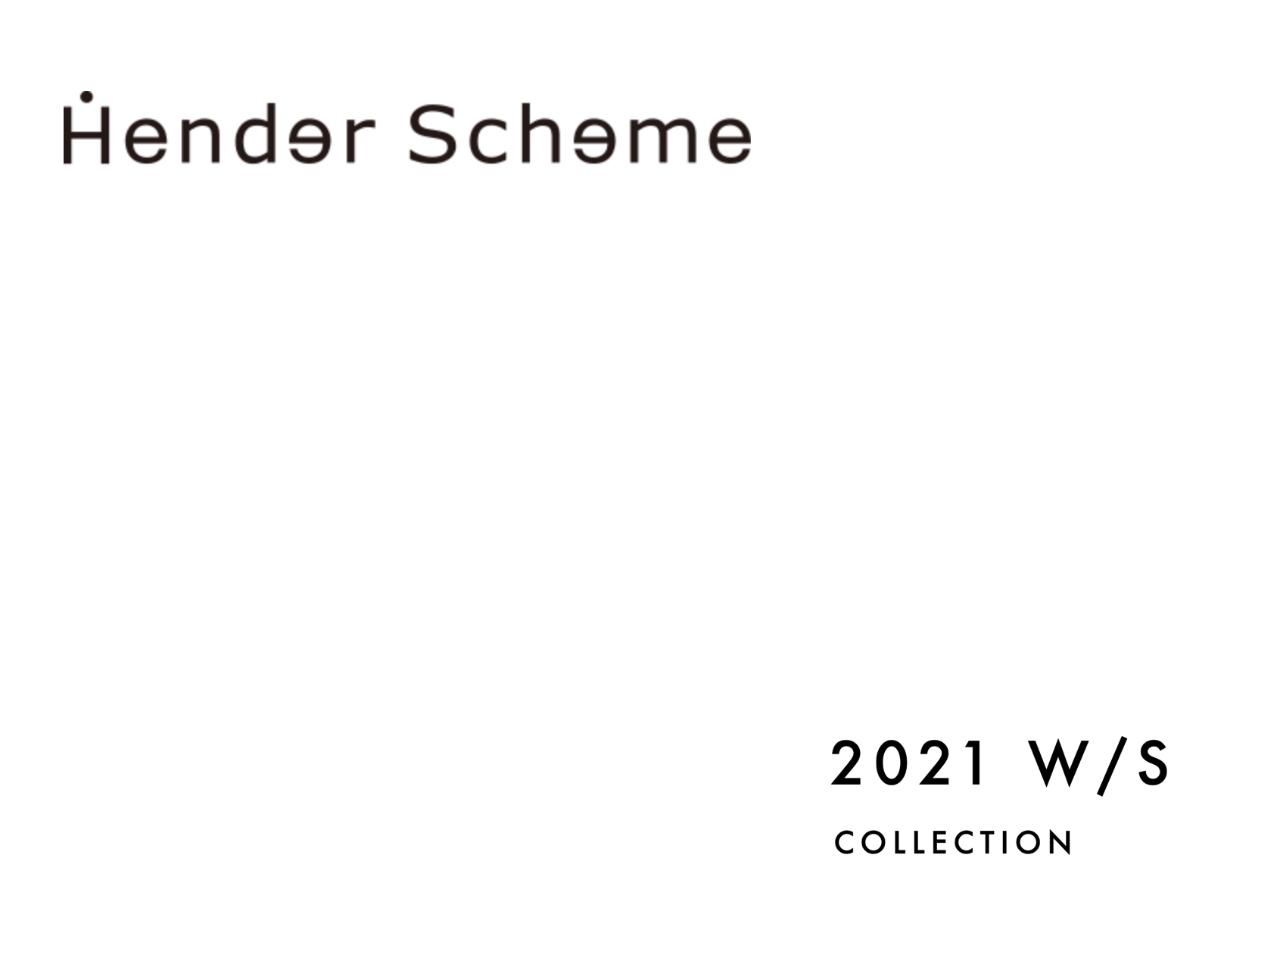 Hender Scheme 21ws START (2020.12.5)の写真